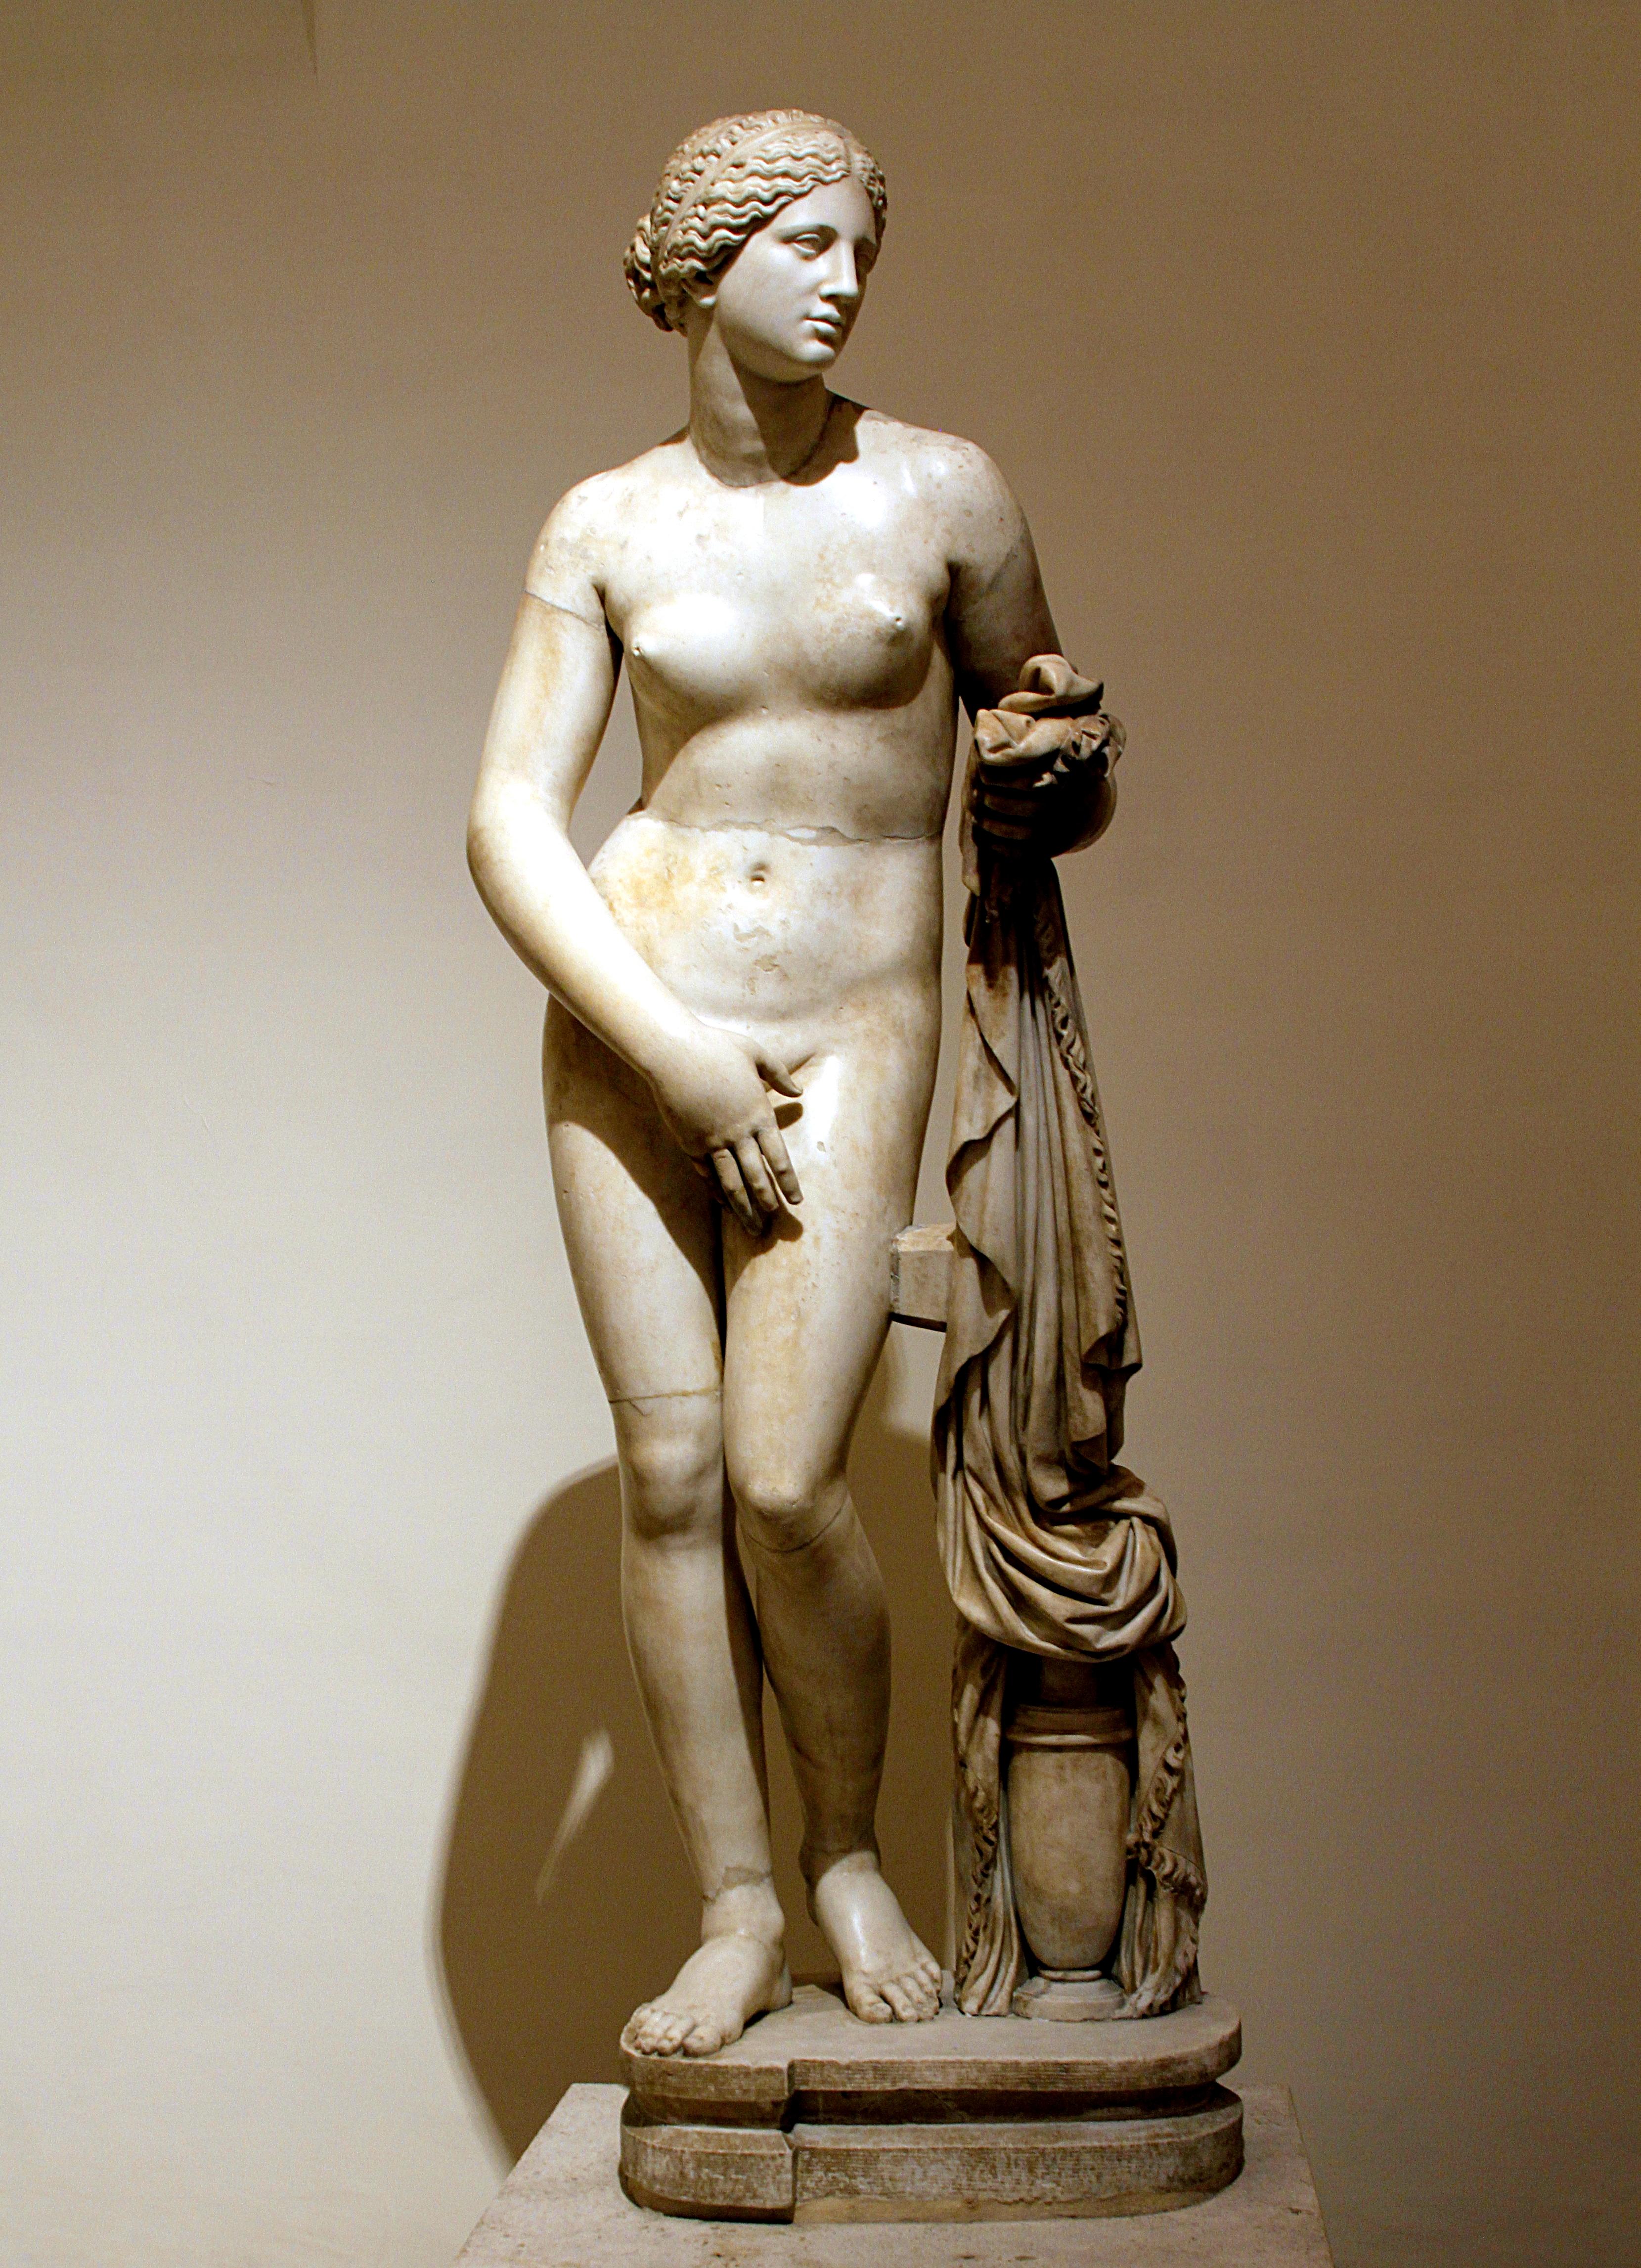 Aphrodite Knidos (Cnidus), Praxiteles of Athens around the 4th century BC